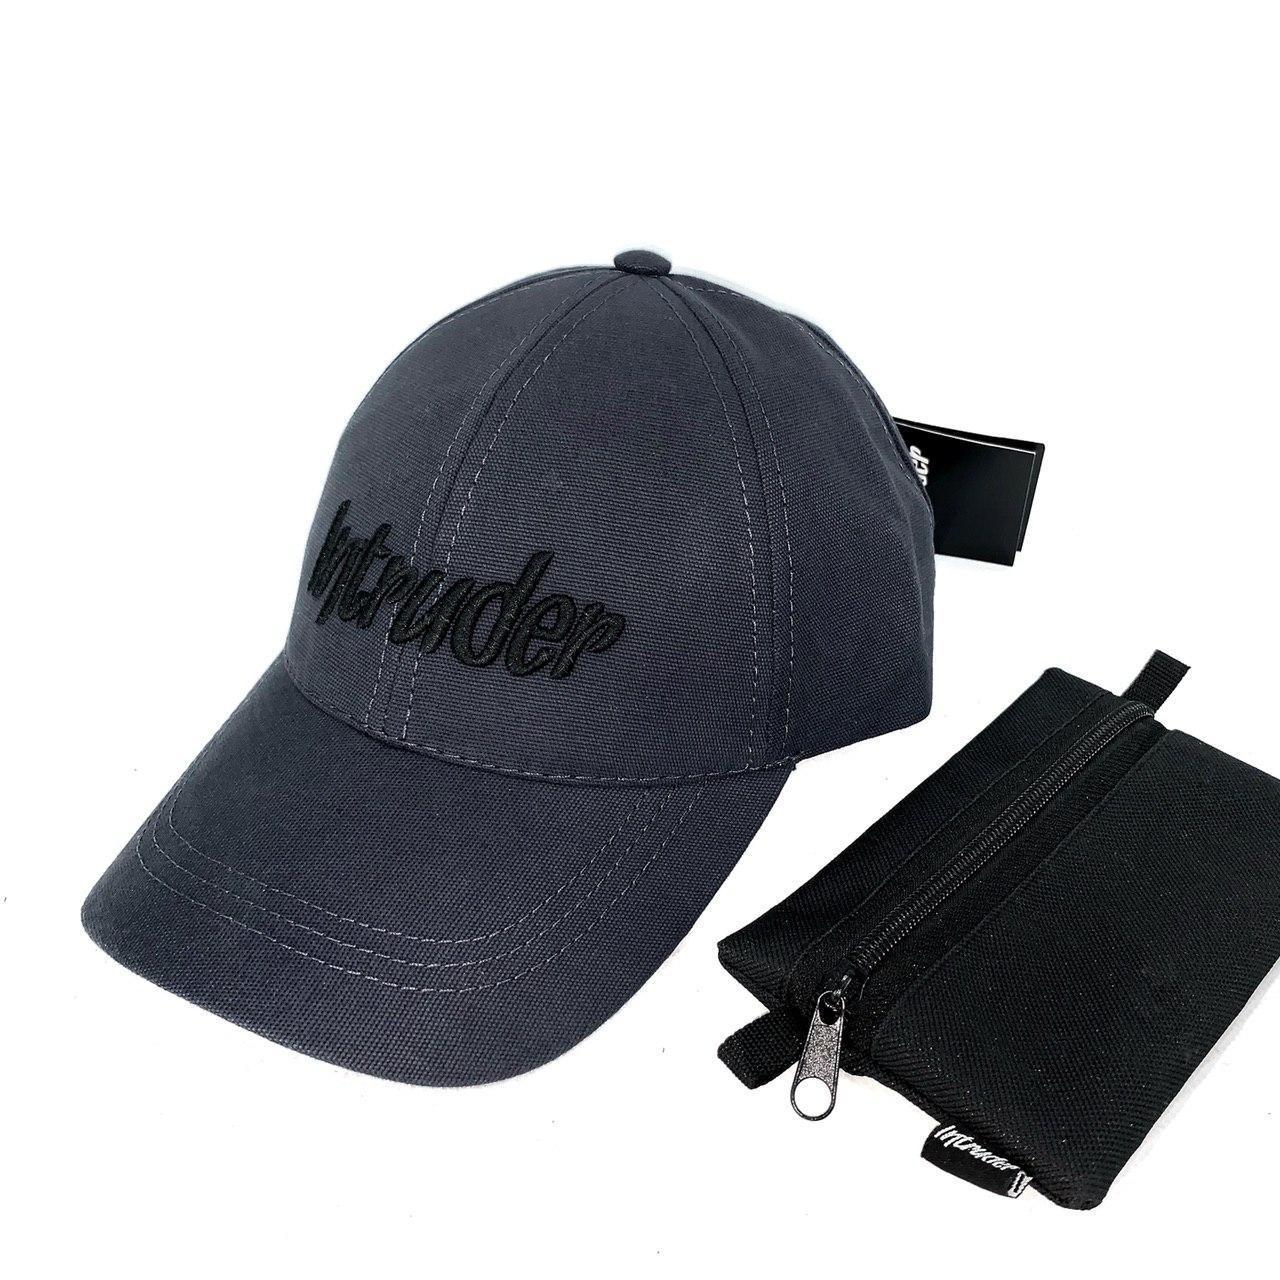 Кепка Intruder чоловіча   жіноча сіра брендовий + Фірмовий подарунок